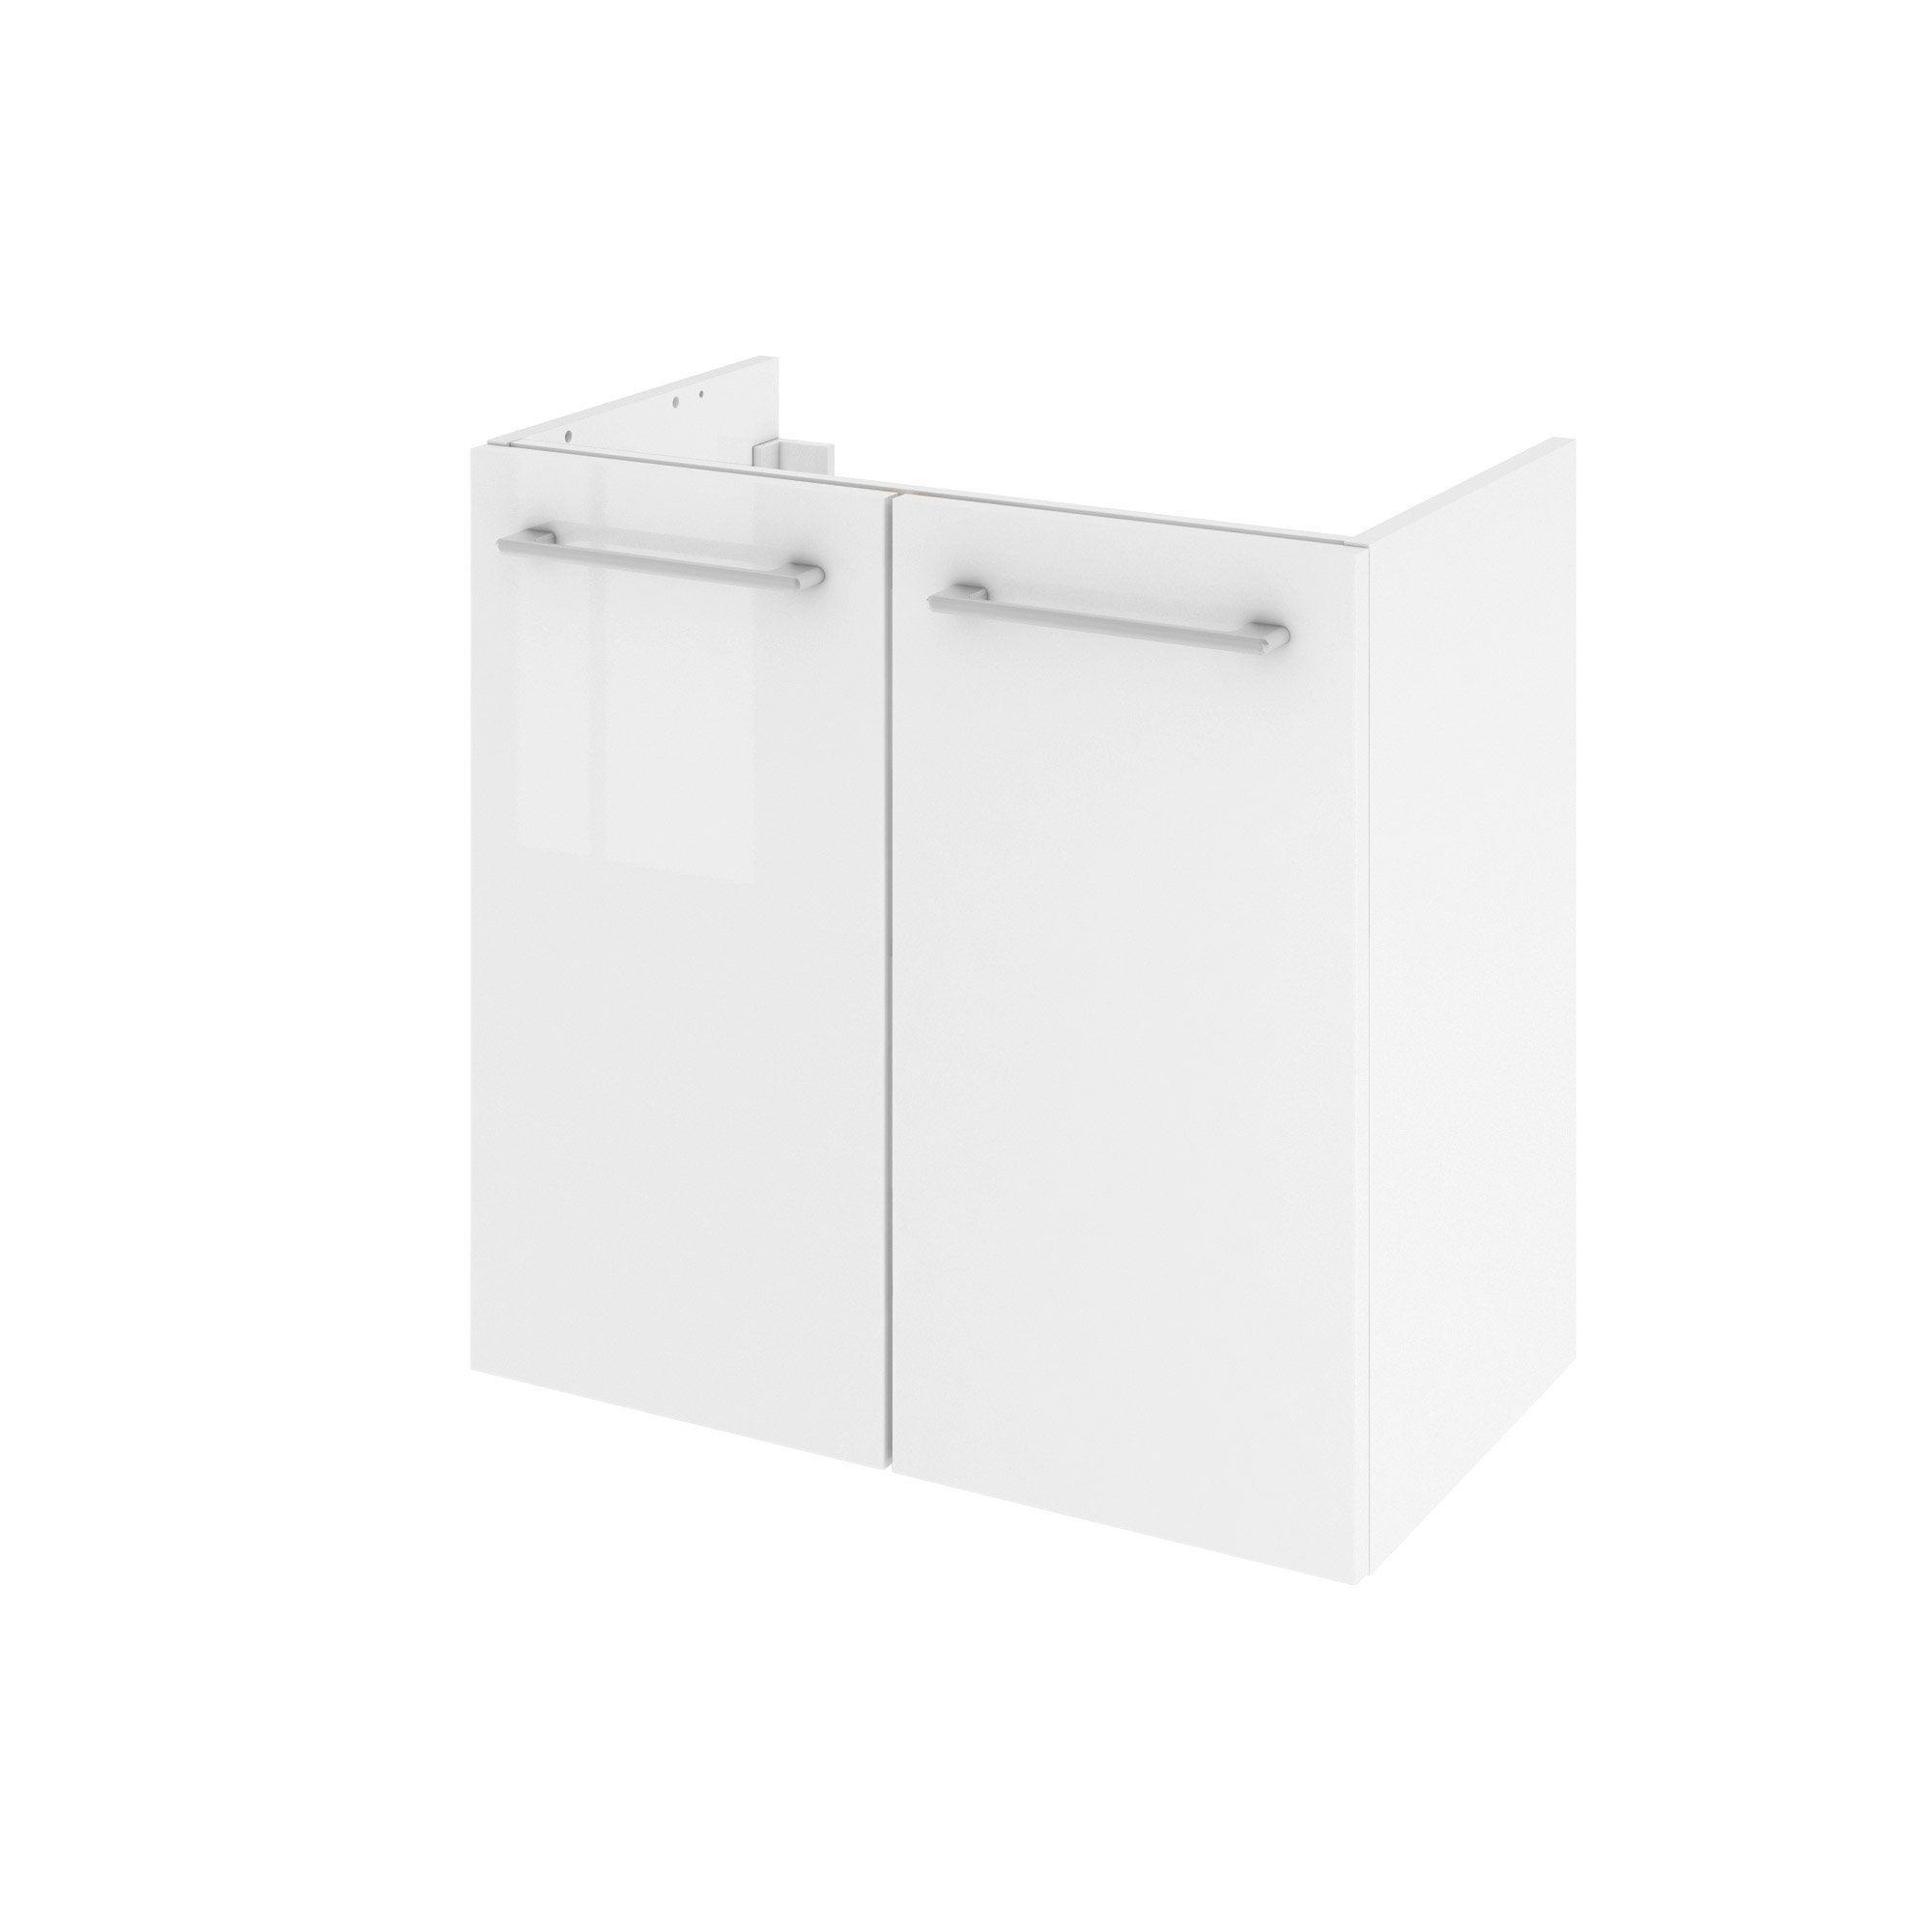 Meuble de salle de bains l.60 x H.58 x P.35 cm, blanc, Remix